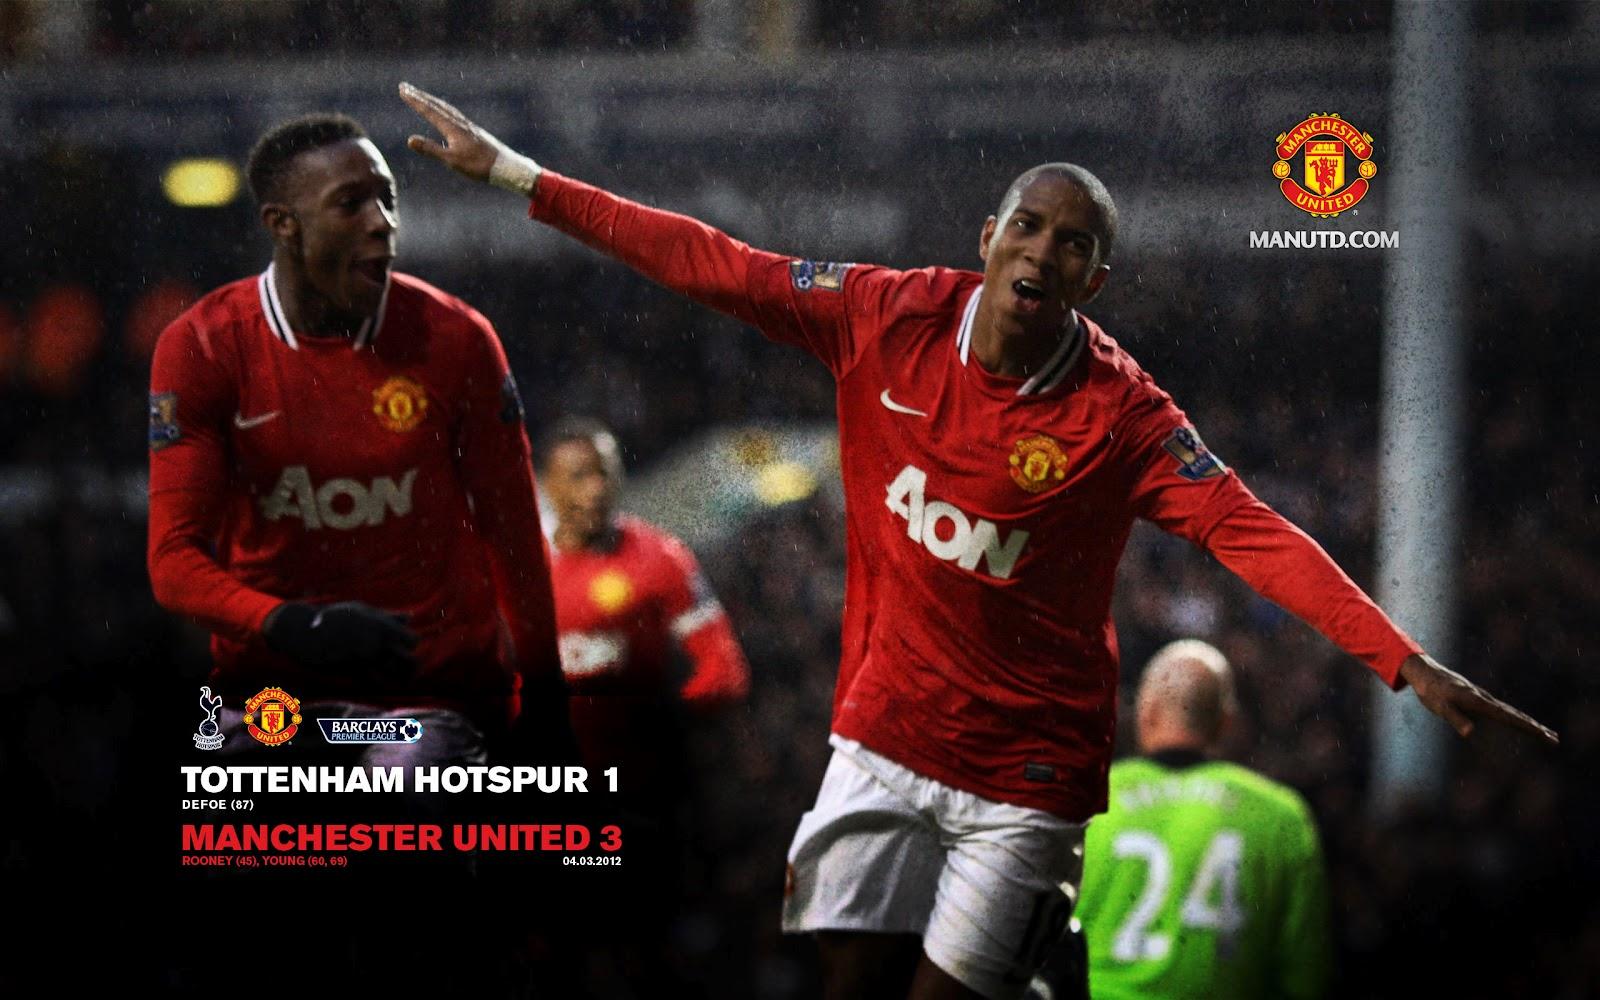 http://3.bp.blogspot.com/-cdyTF0abwg8/T1WuduJ-UUI/AAAAAAAAI-0/tbjOR9GPP4I/s1600/Match_Spurs_A.ashx.jpeg